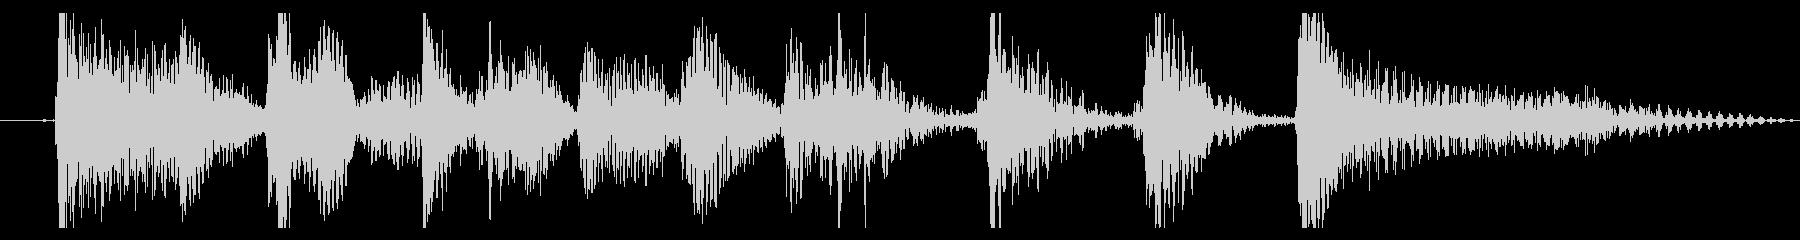 アコギのロックンロールなジングルの未再生の波形